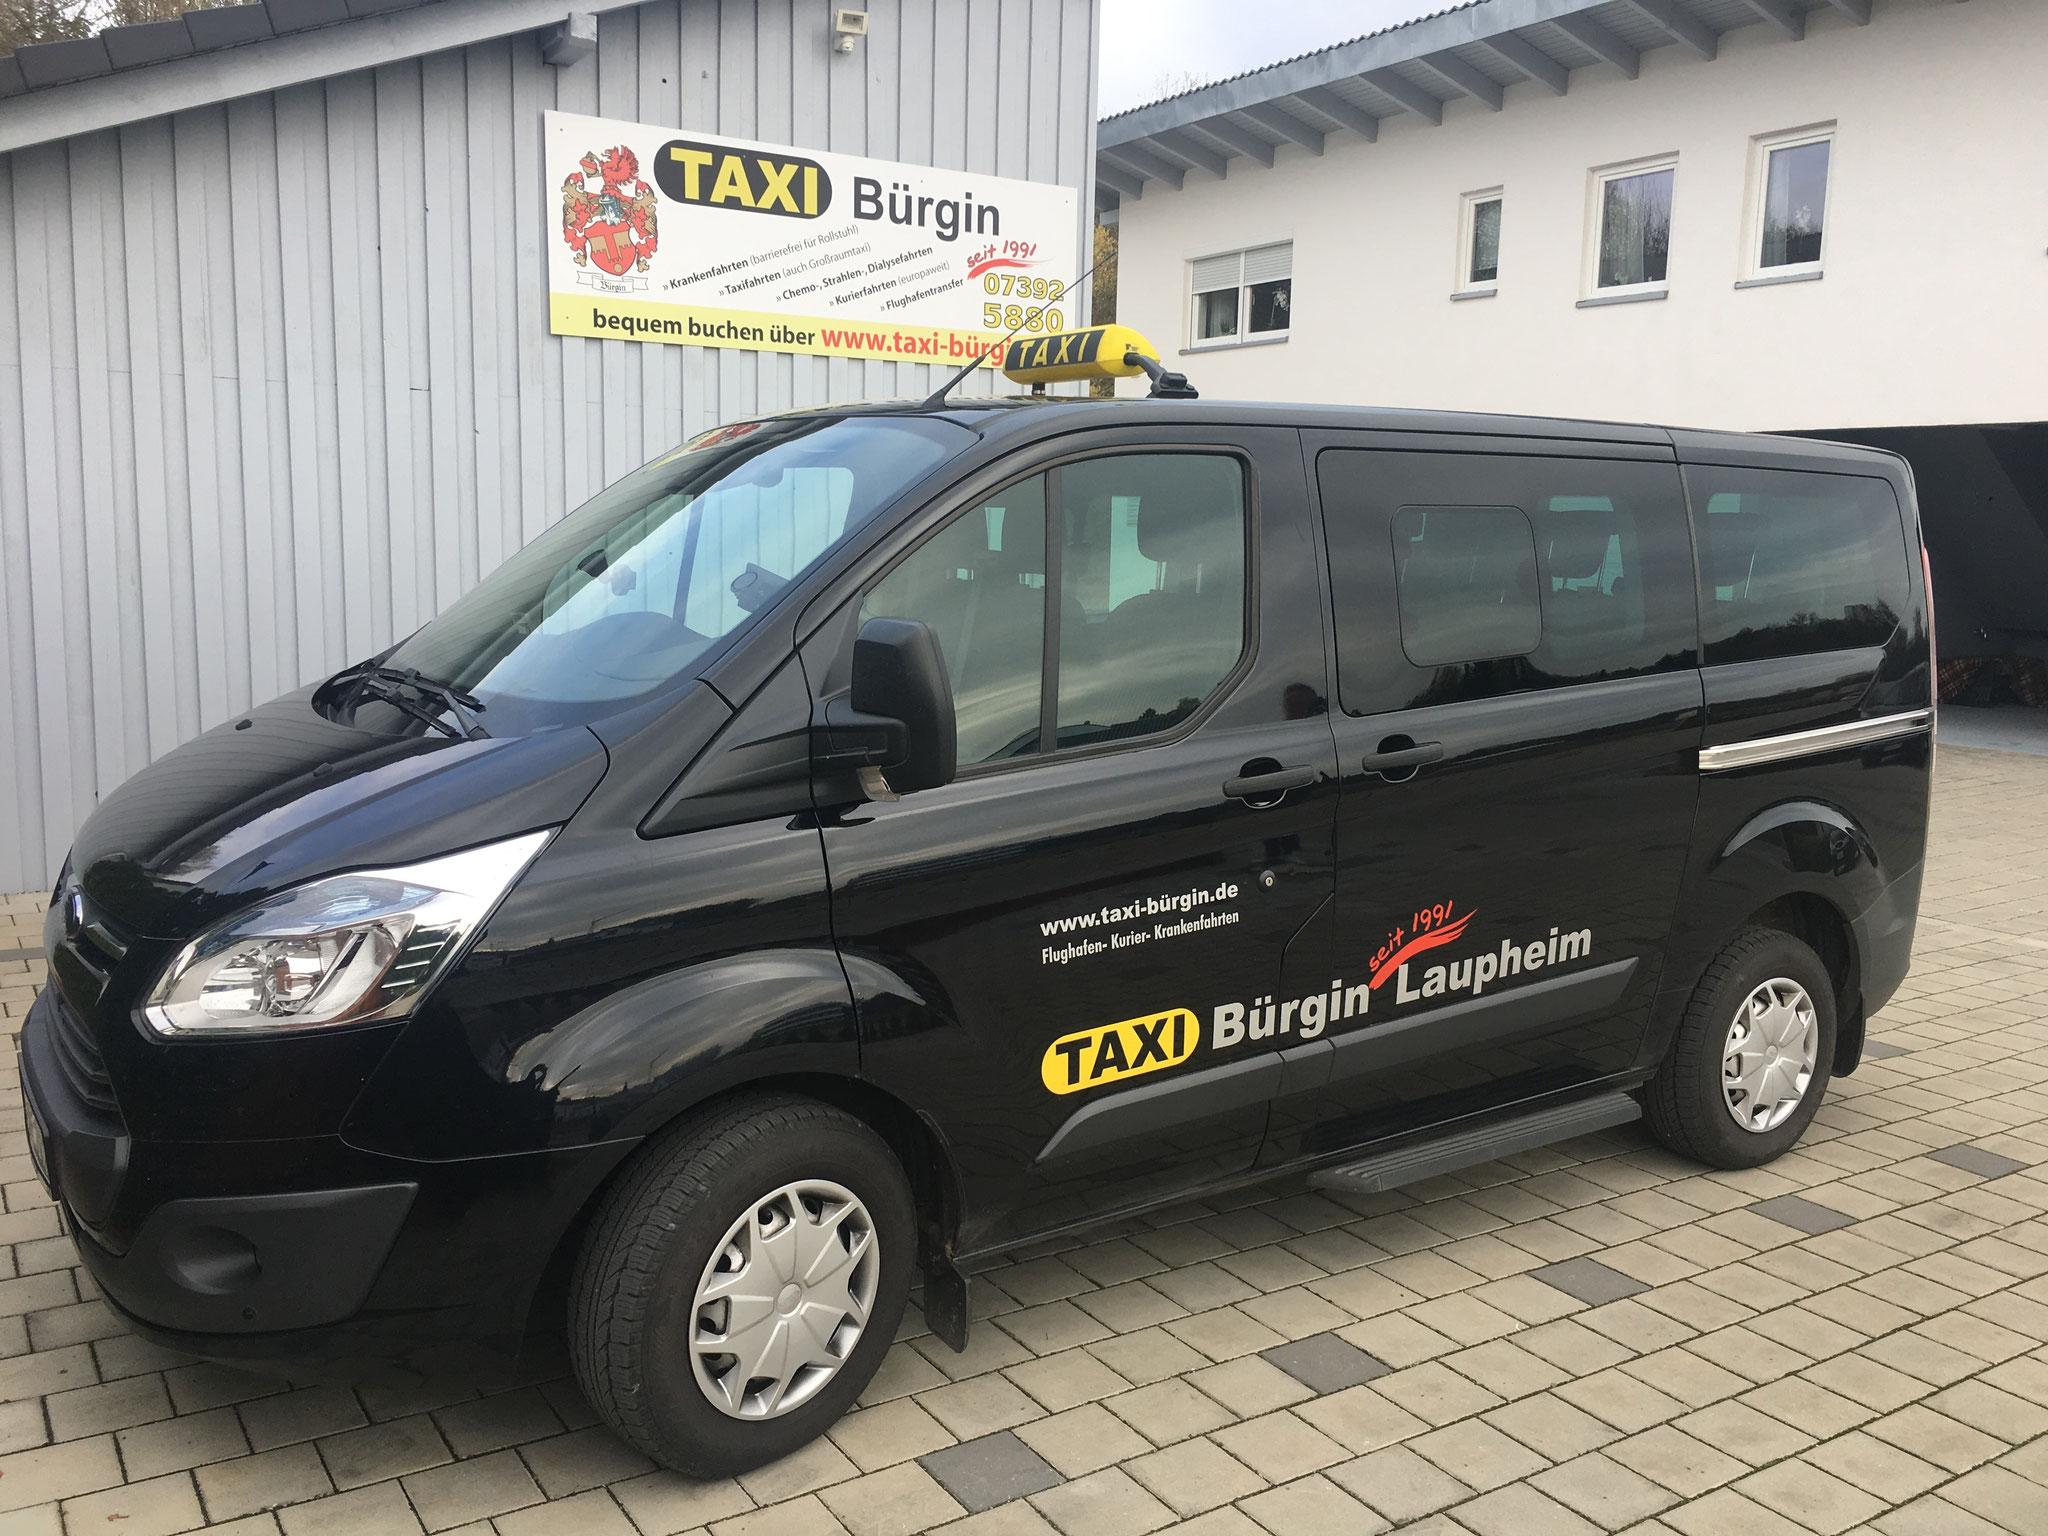 Ford Transit Custom, dass Taxi für bis zu 9 Personen und Gepäck